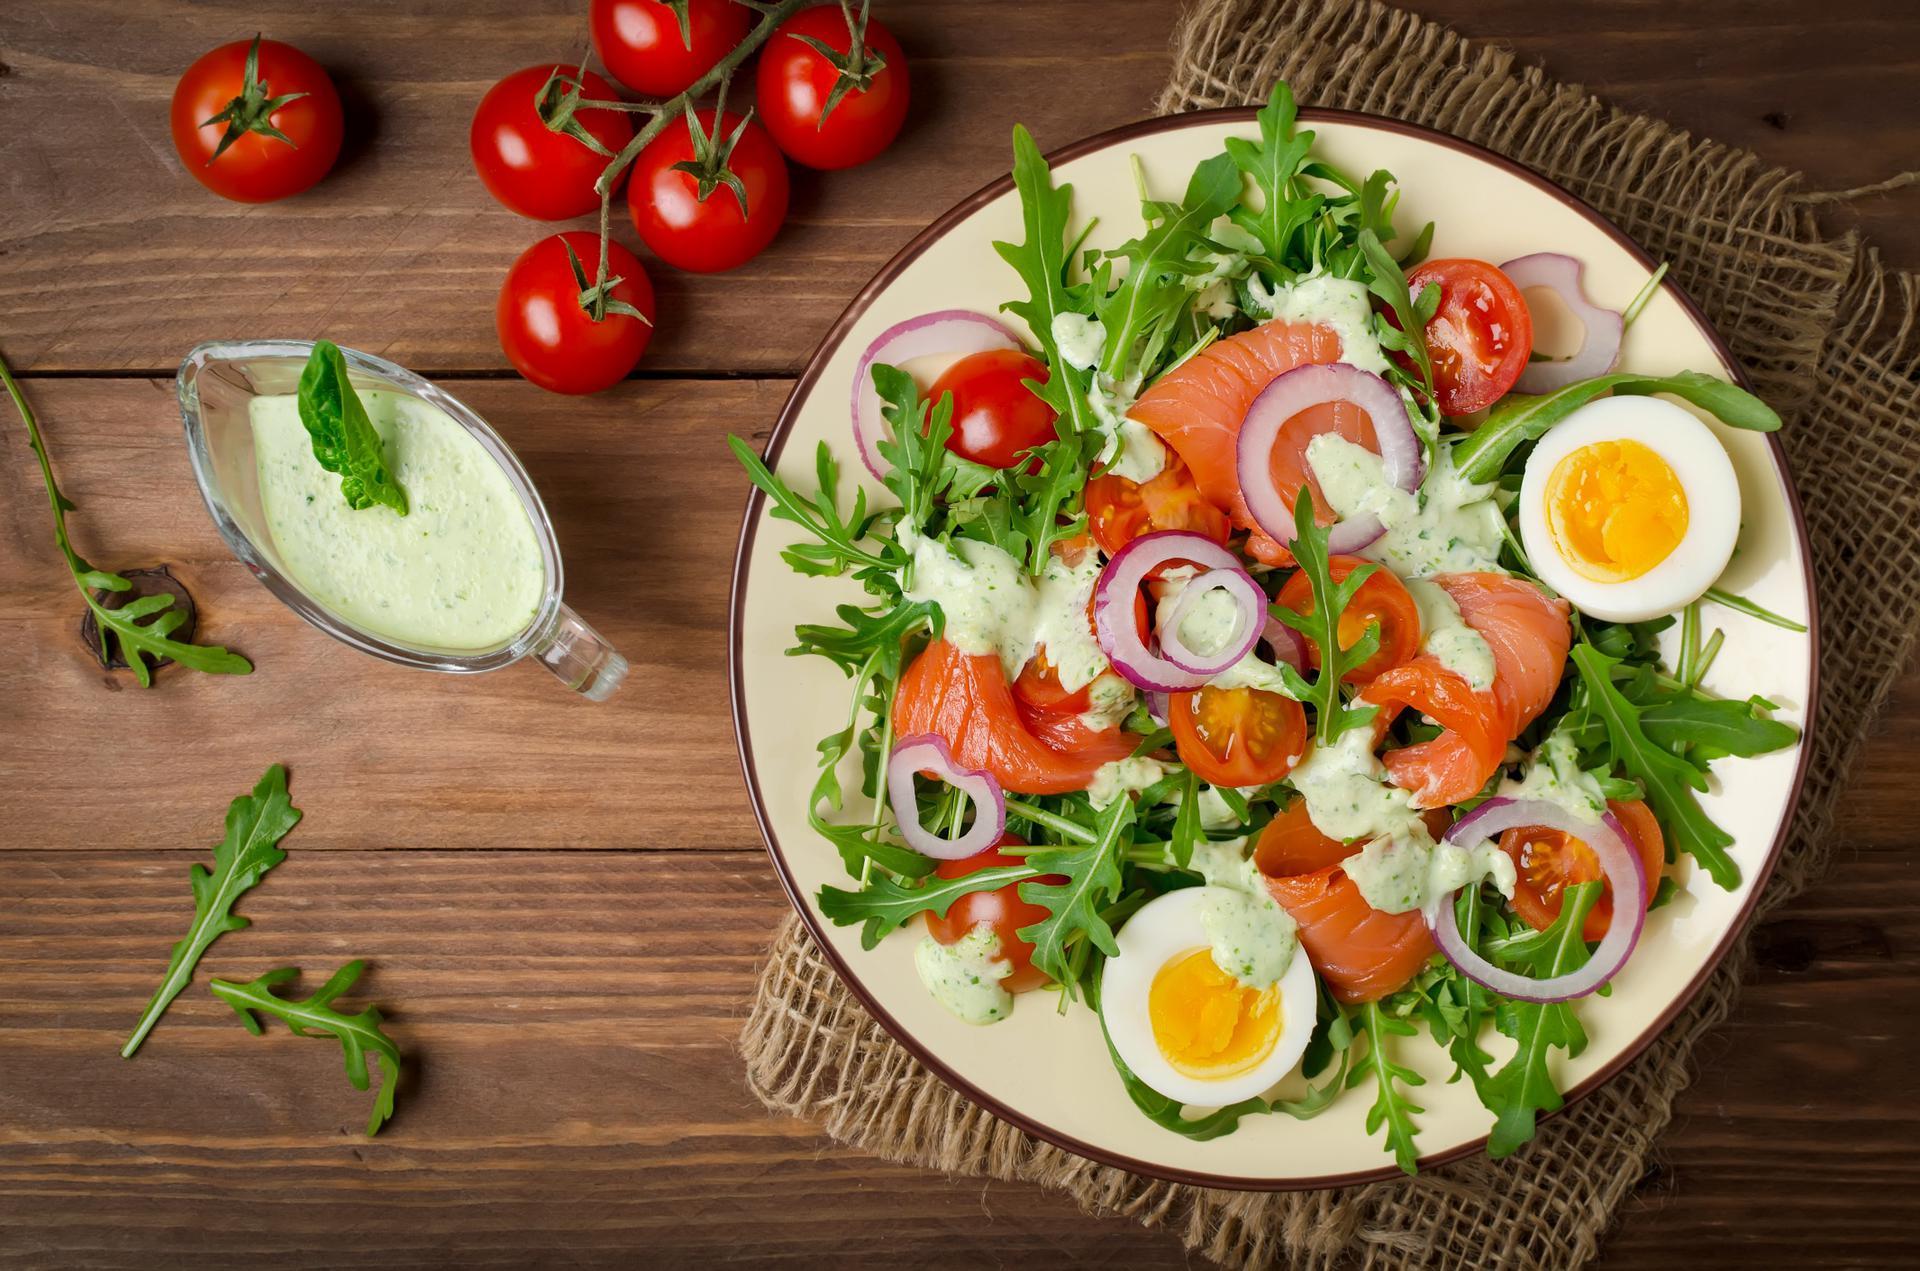 Dieta Atkinsa Przykladowy Jadlospis Na 3 Dni Dla Etapu Pierwszego